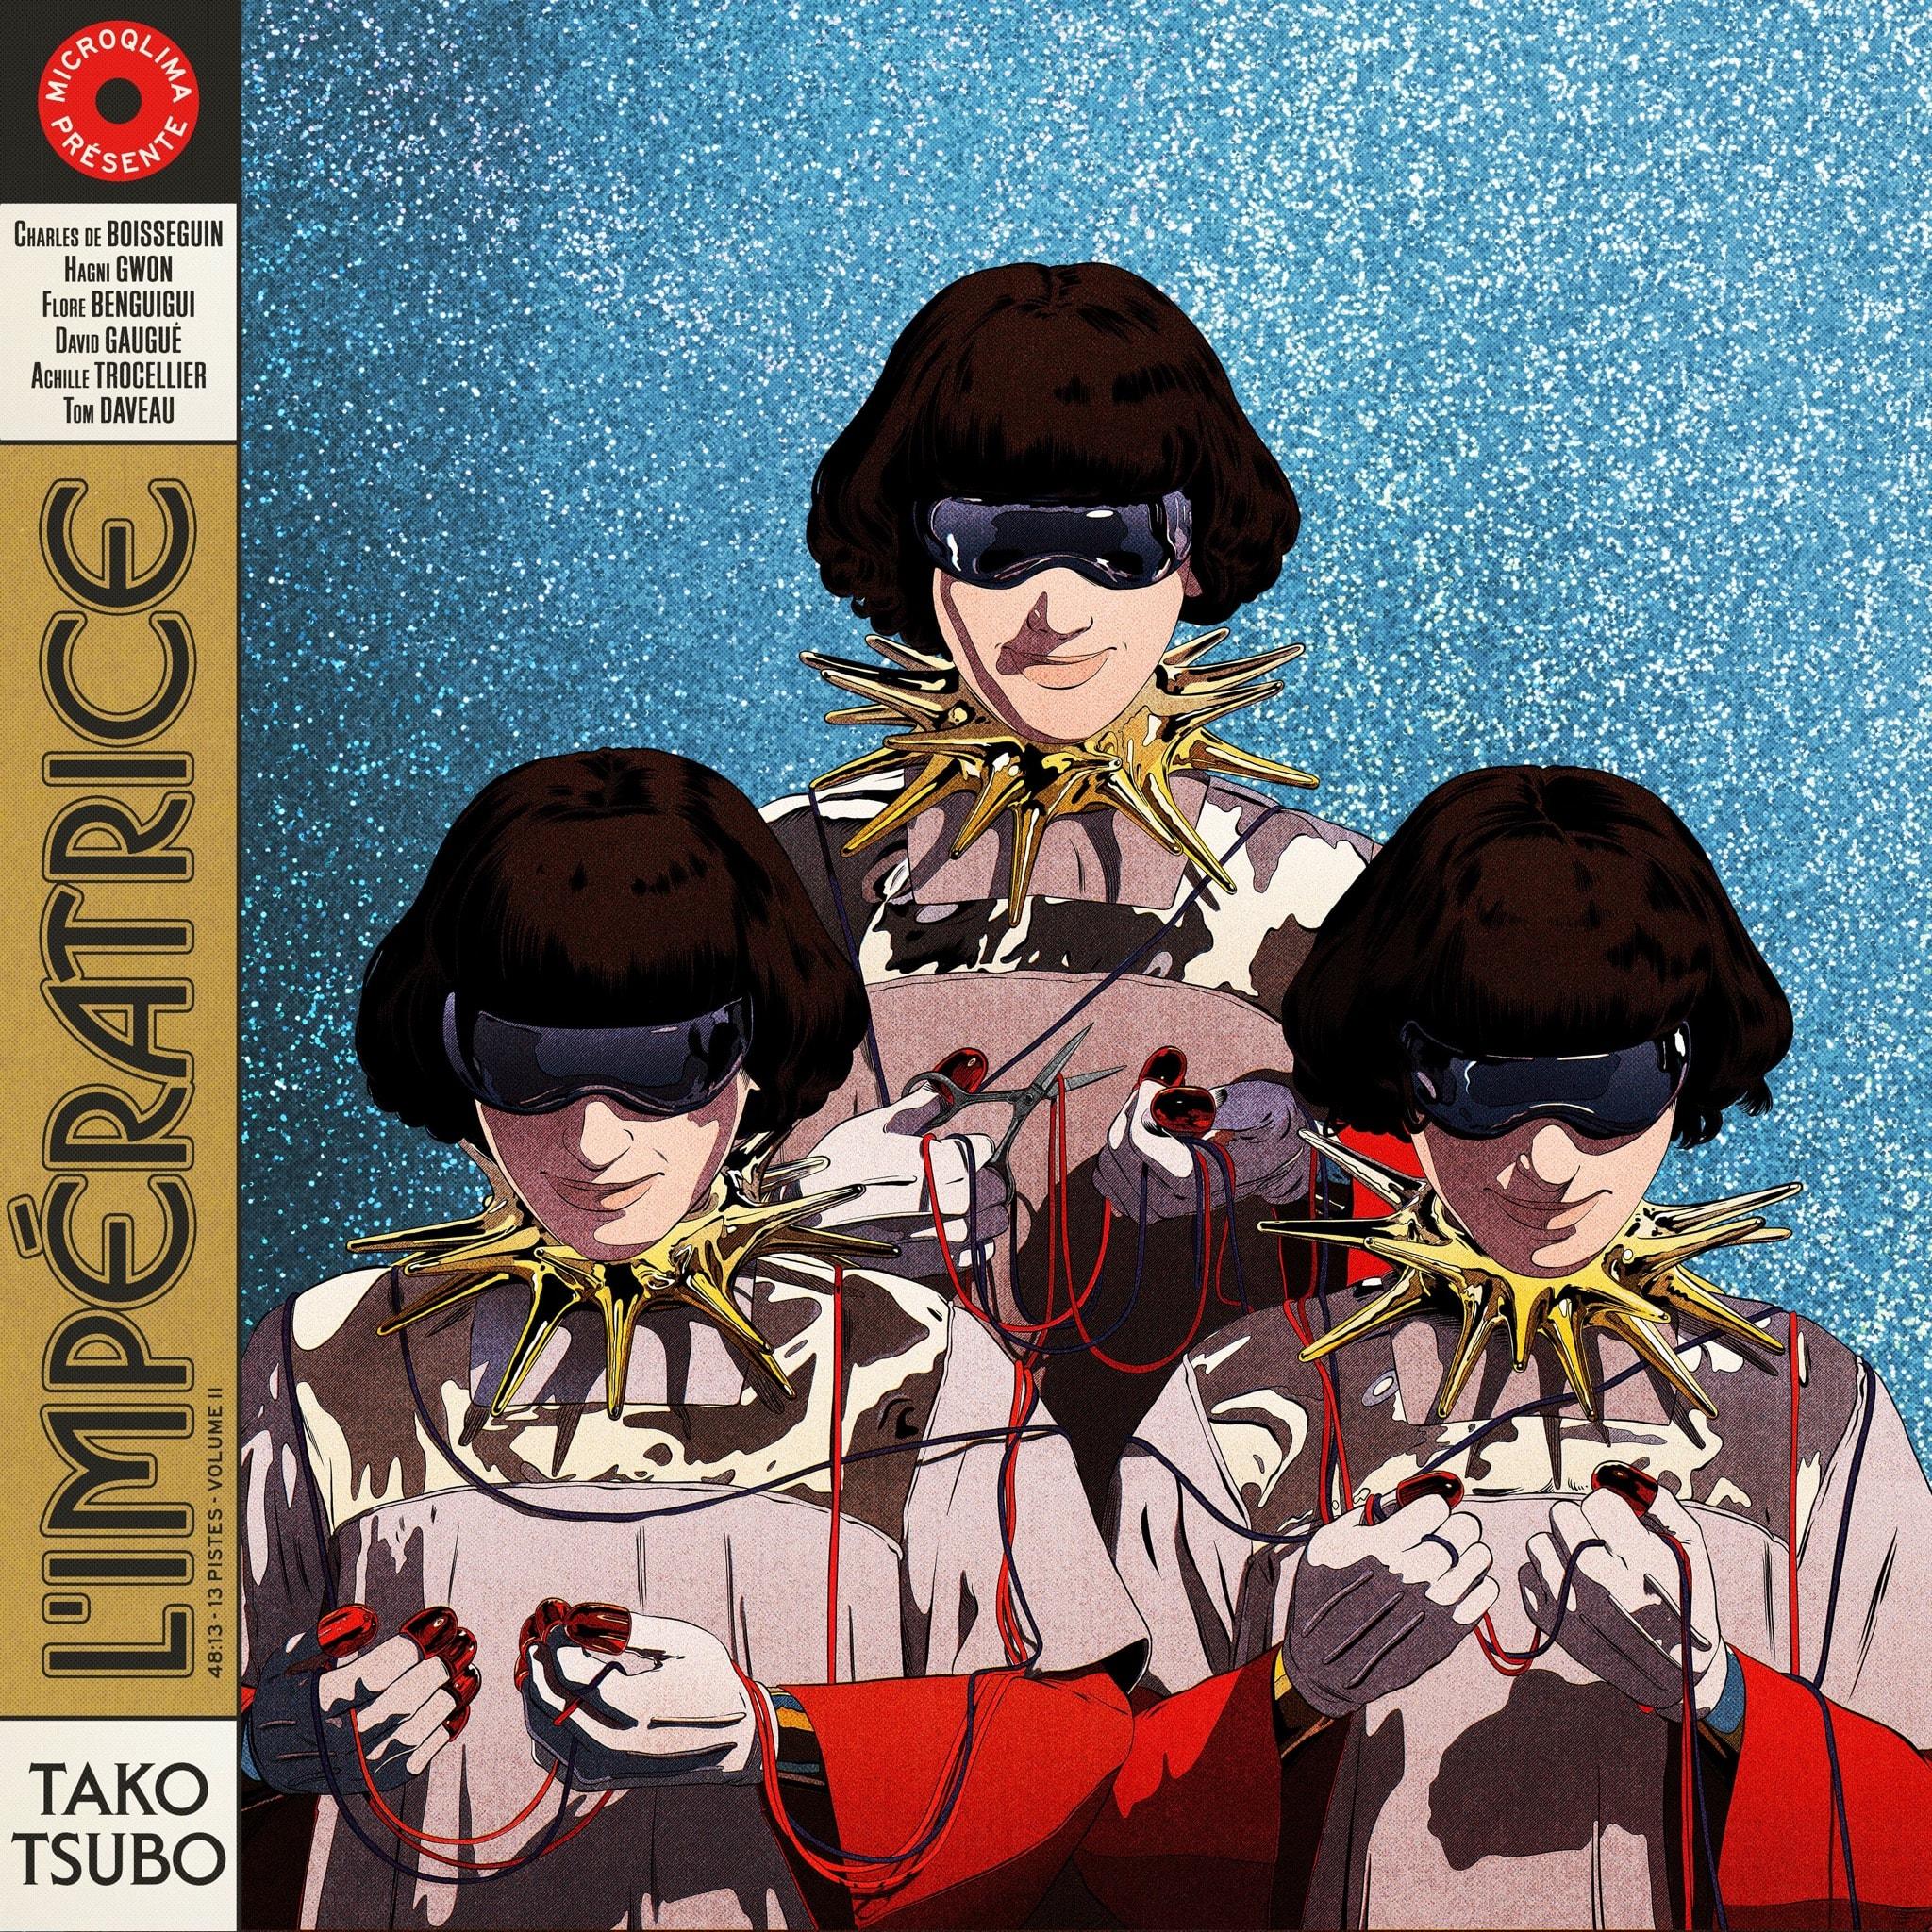 L'IMPÉRATRICE album Tako Tsubo visuel pochette musique